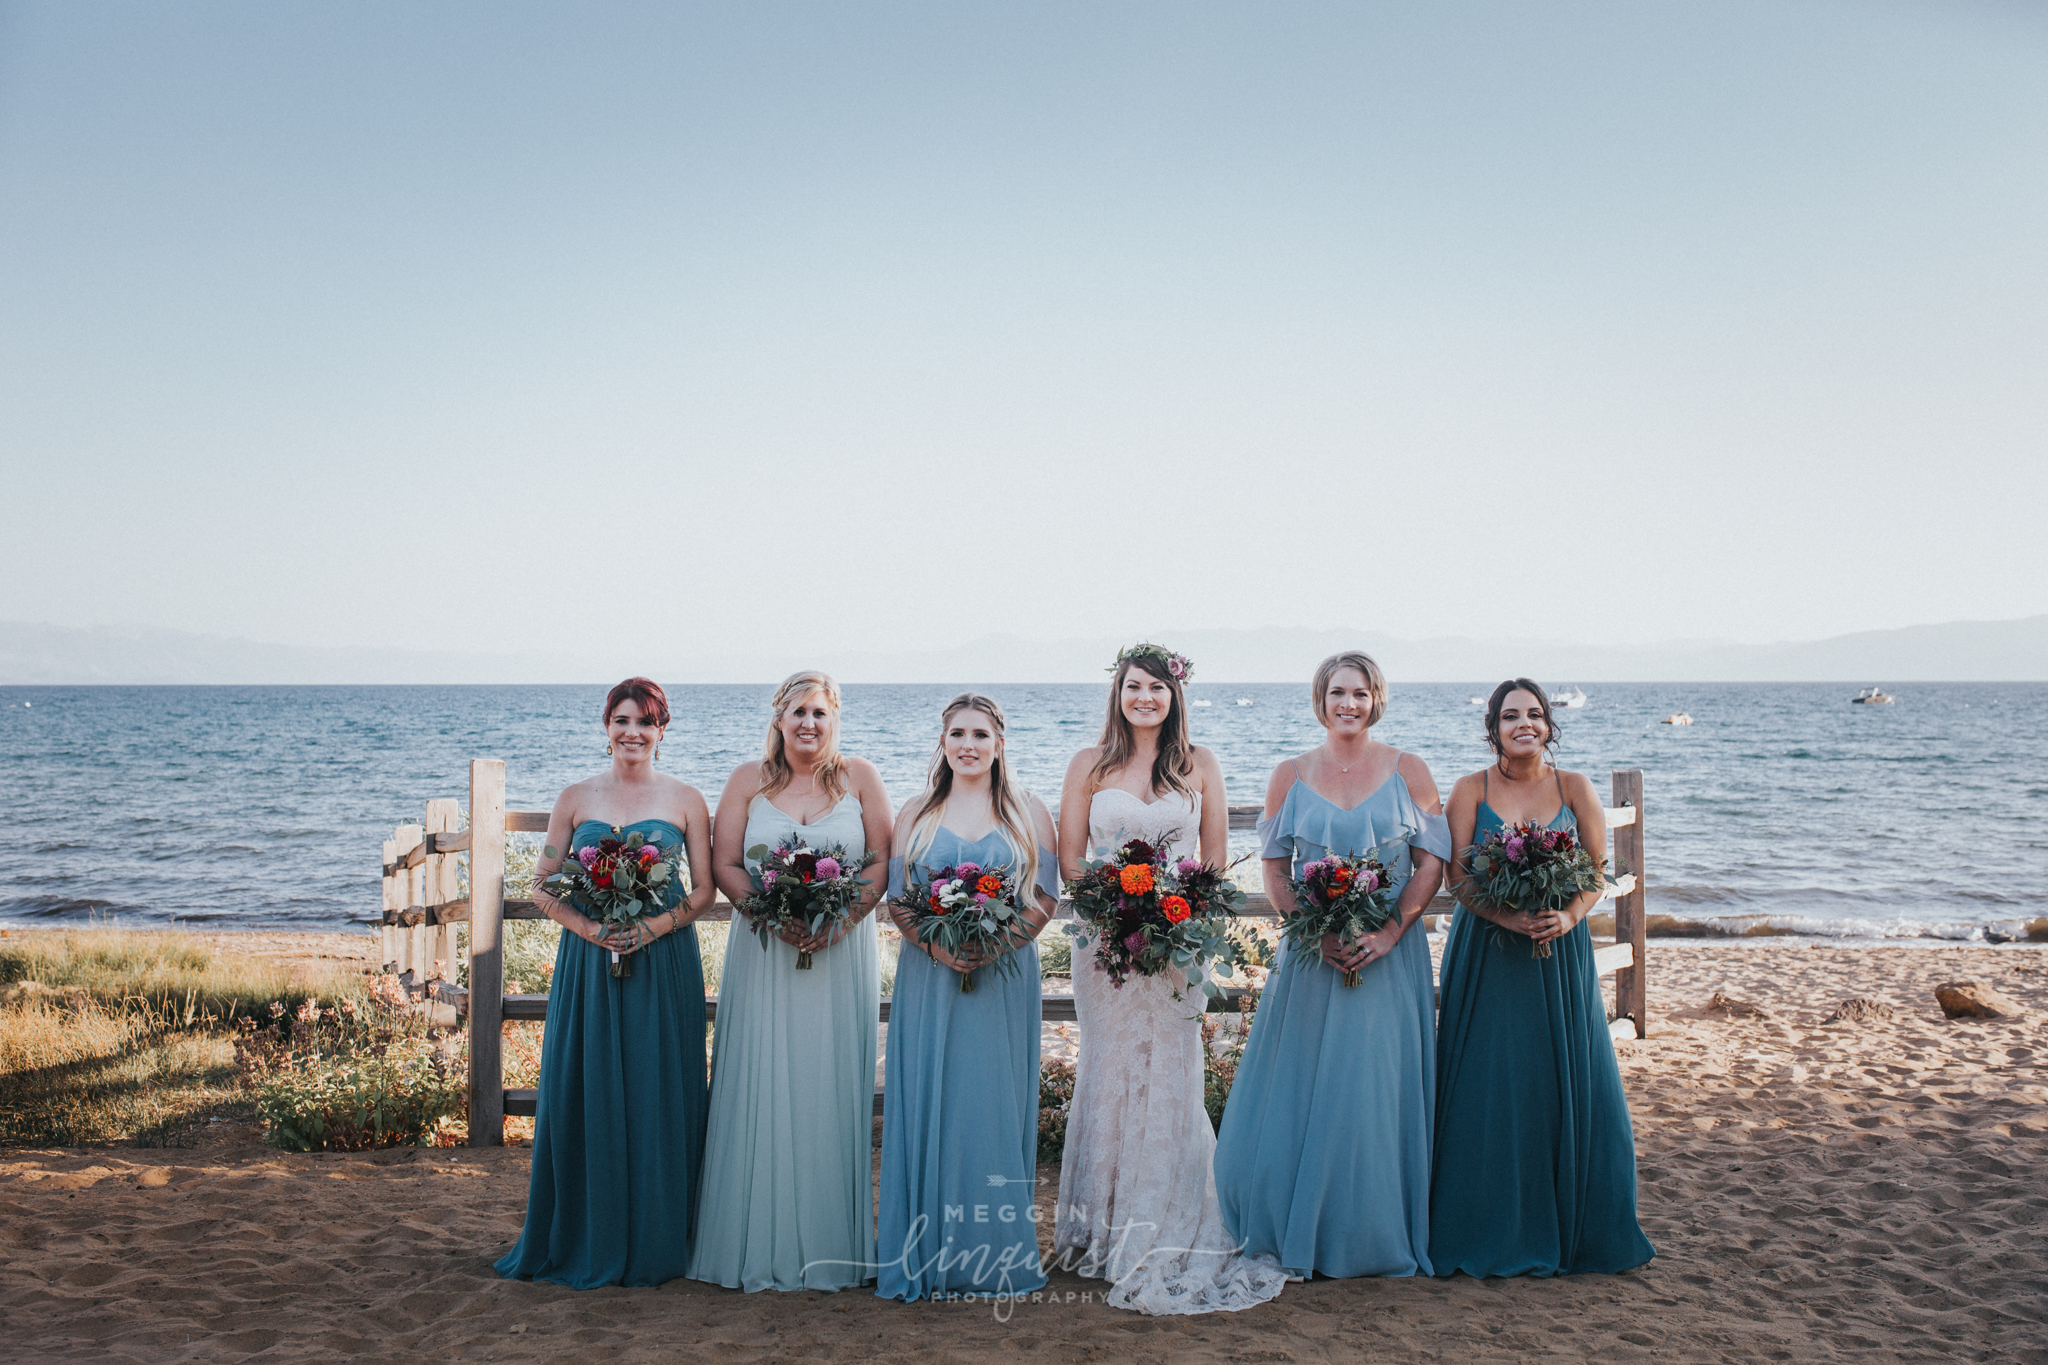 bohemian-style-lake-wedding-reno-lake-tahoe-wedding-photographer-26.jpg